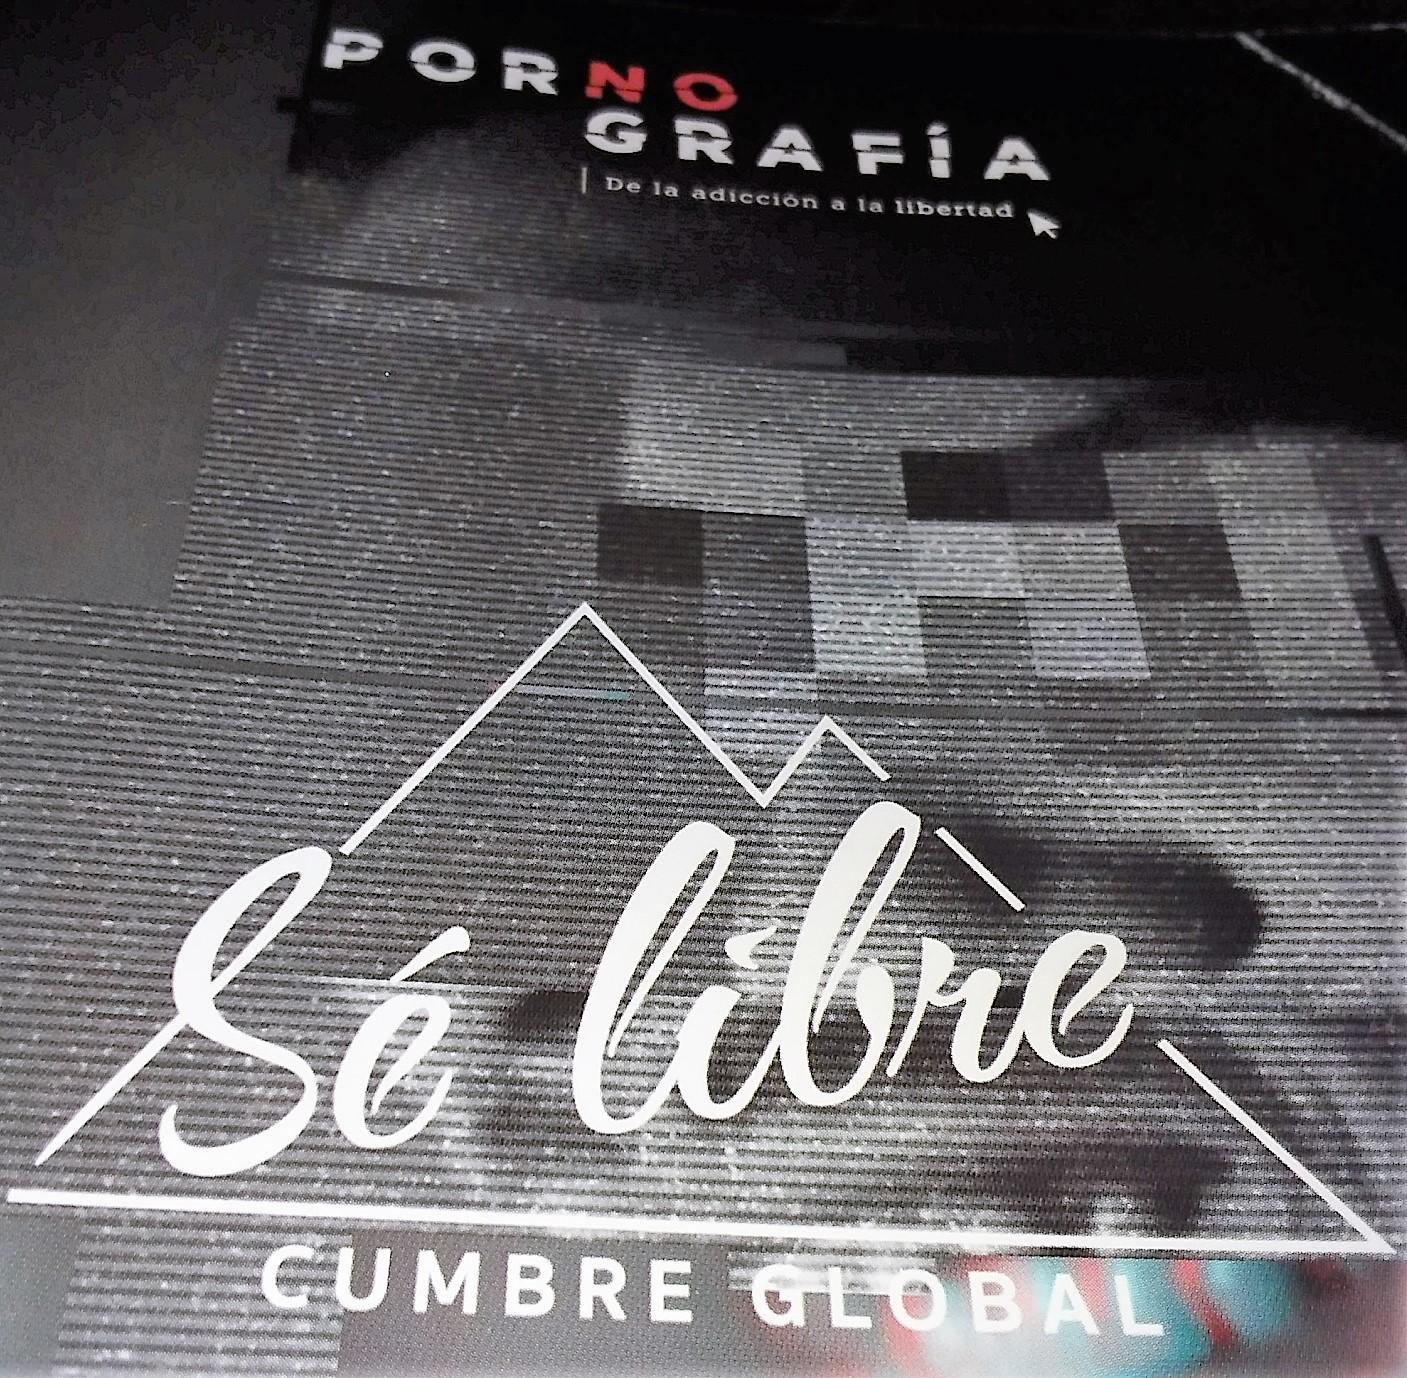 La Cumbre brochure.jpg